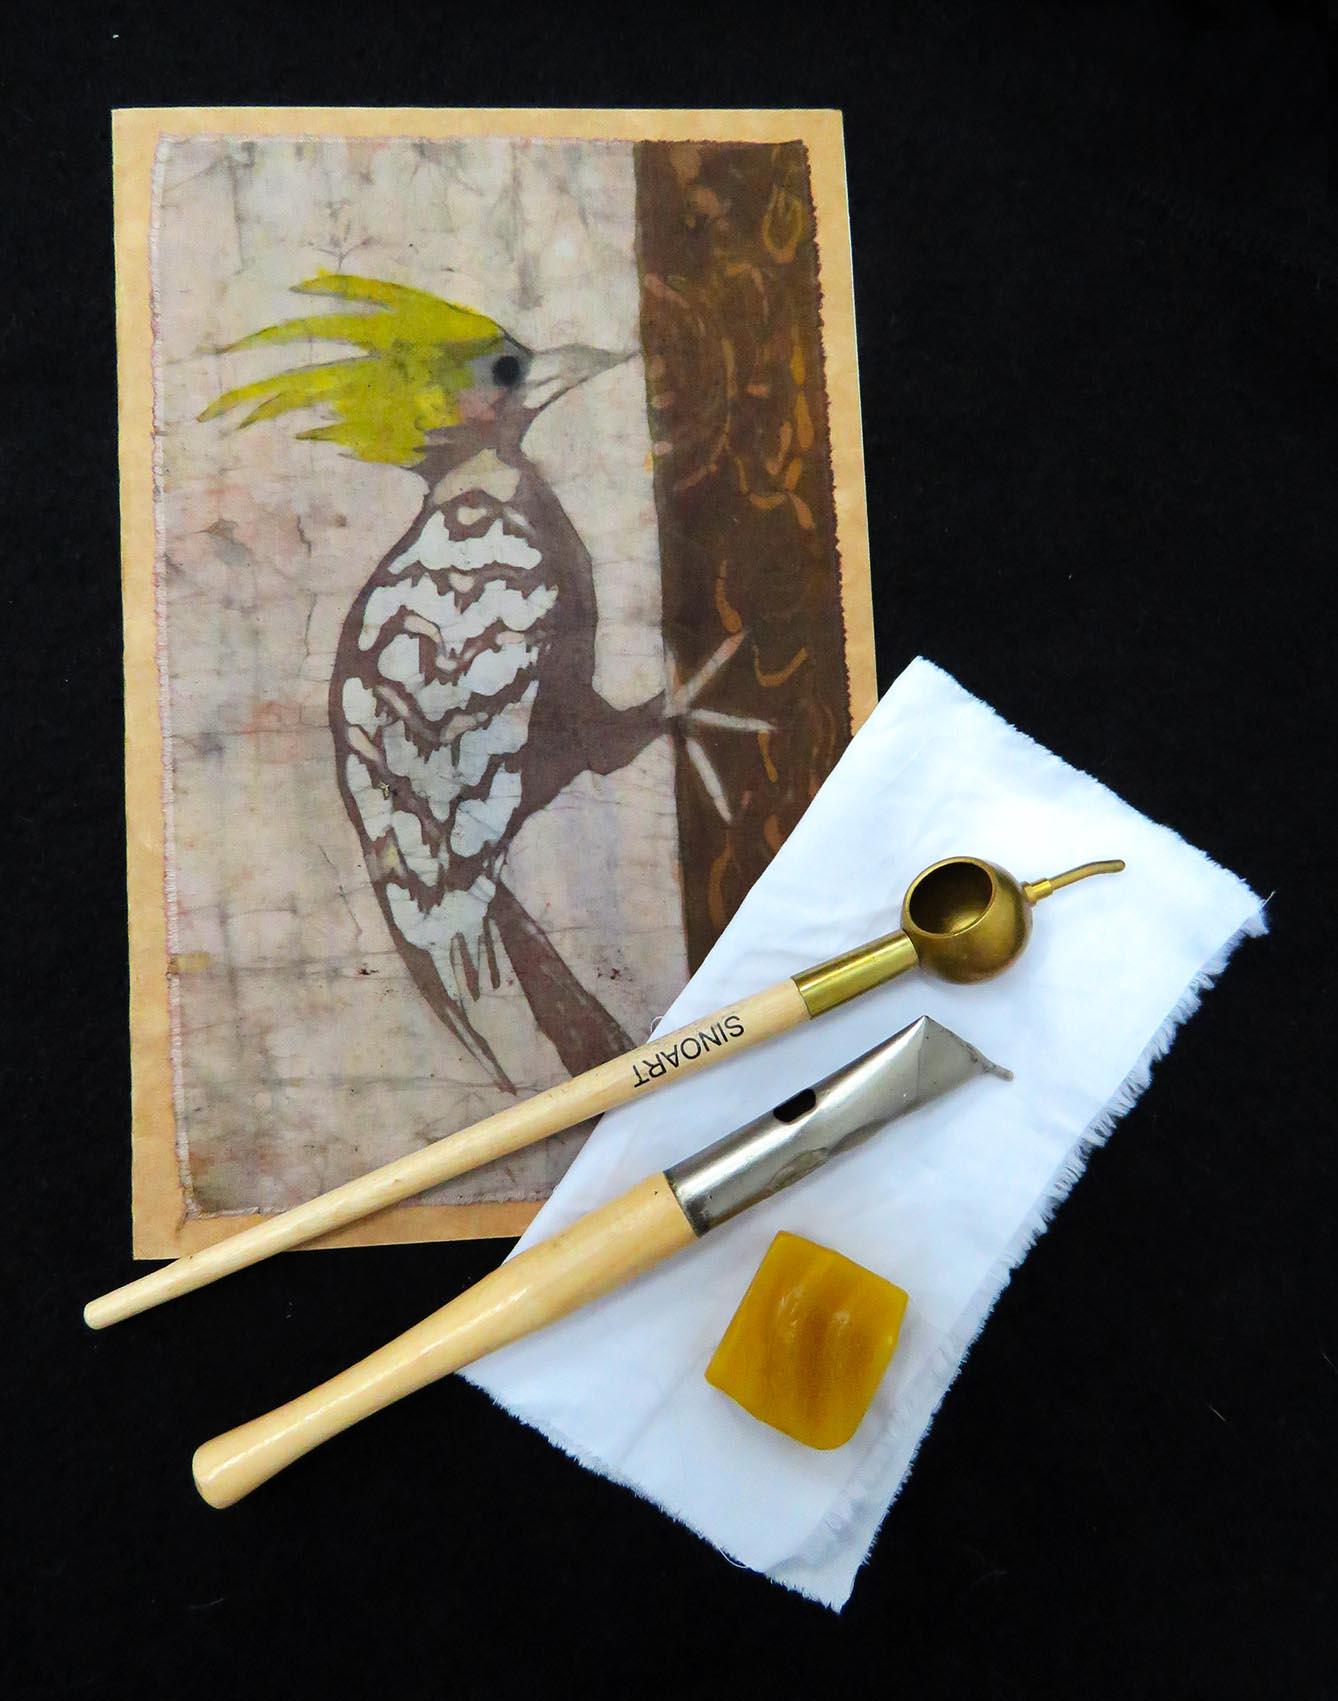 Os cartões de Roberta Sammut são produzidos artesanalmente com técnica Batik. Disponíveis na Maritaca Store.